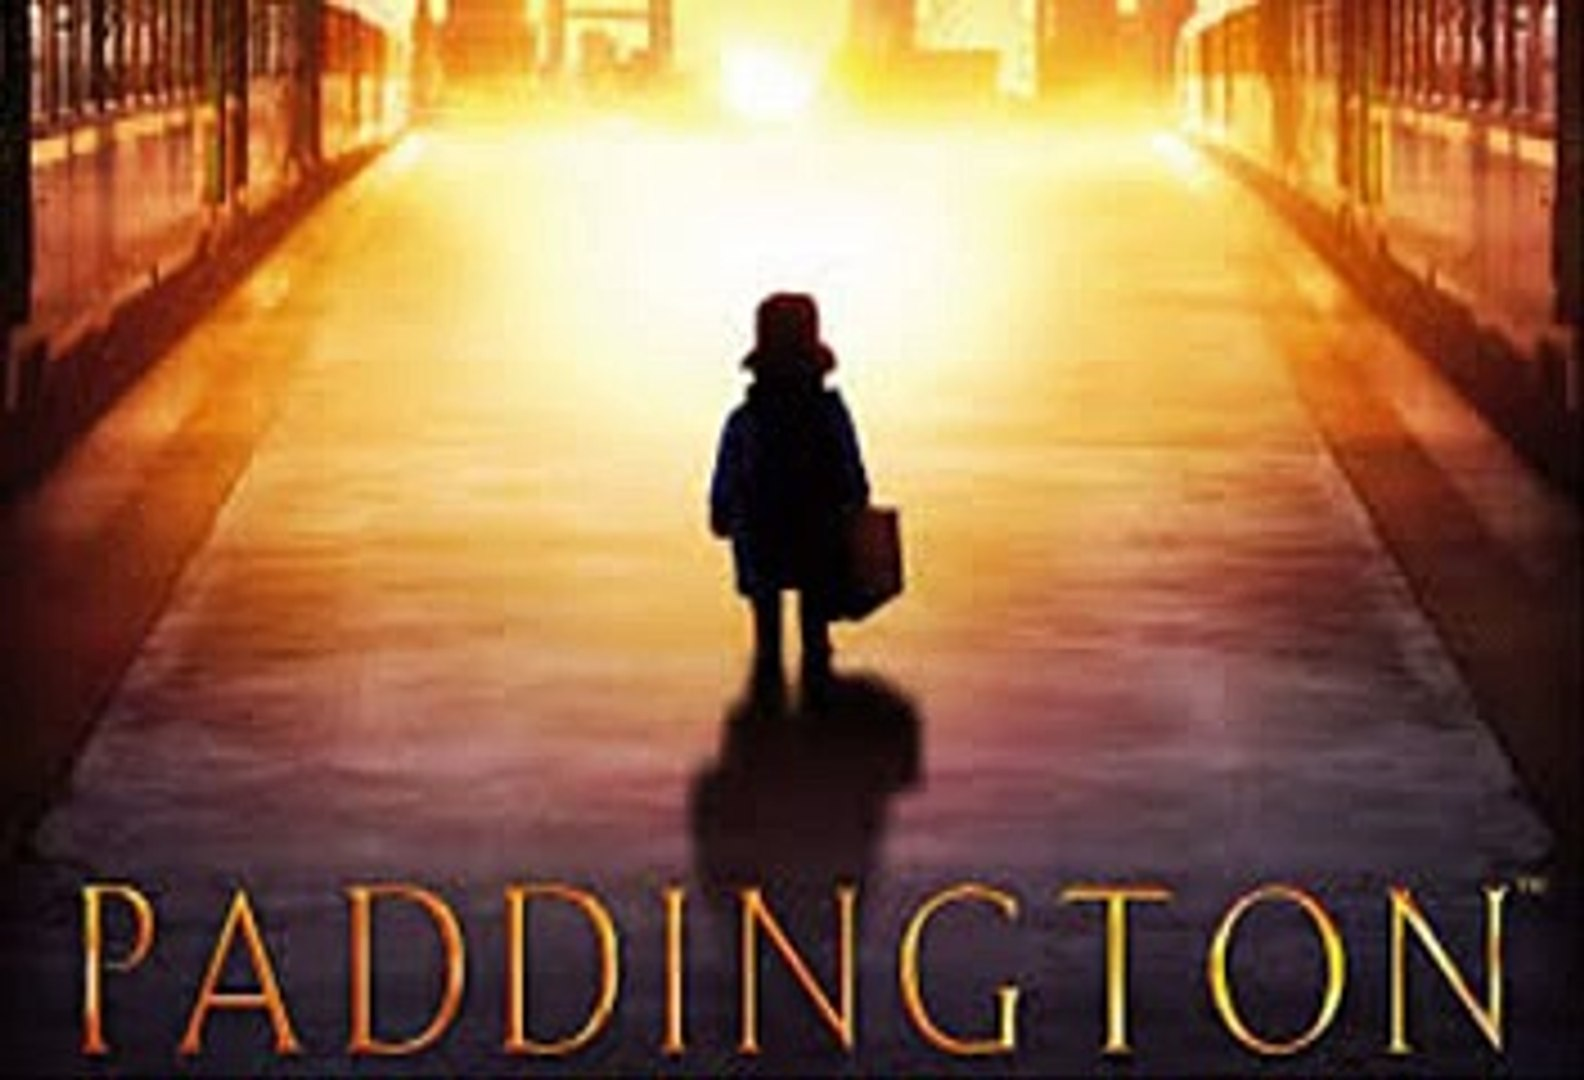 Paddington Full Movie Video Dailymotion